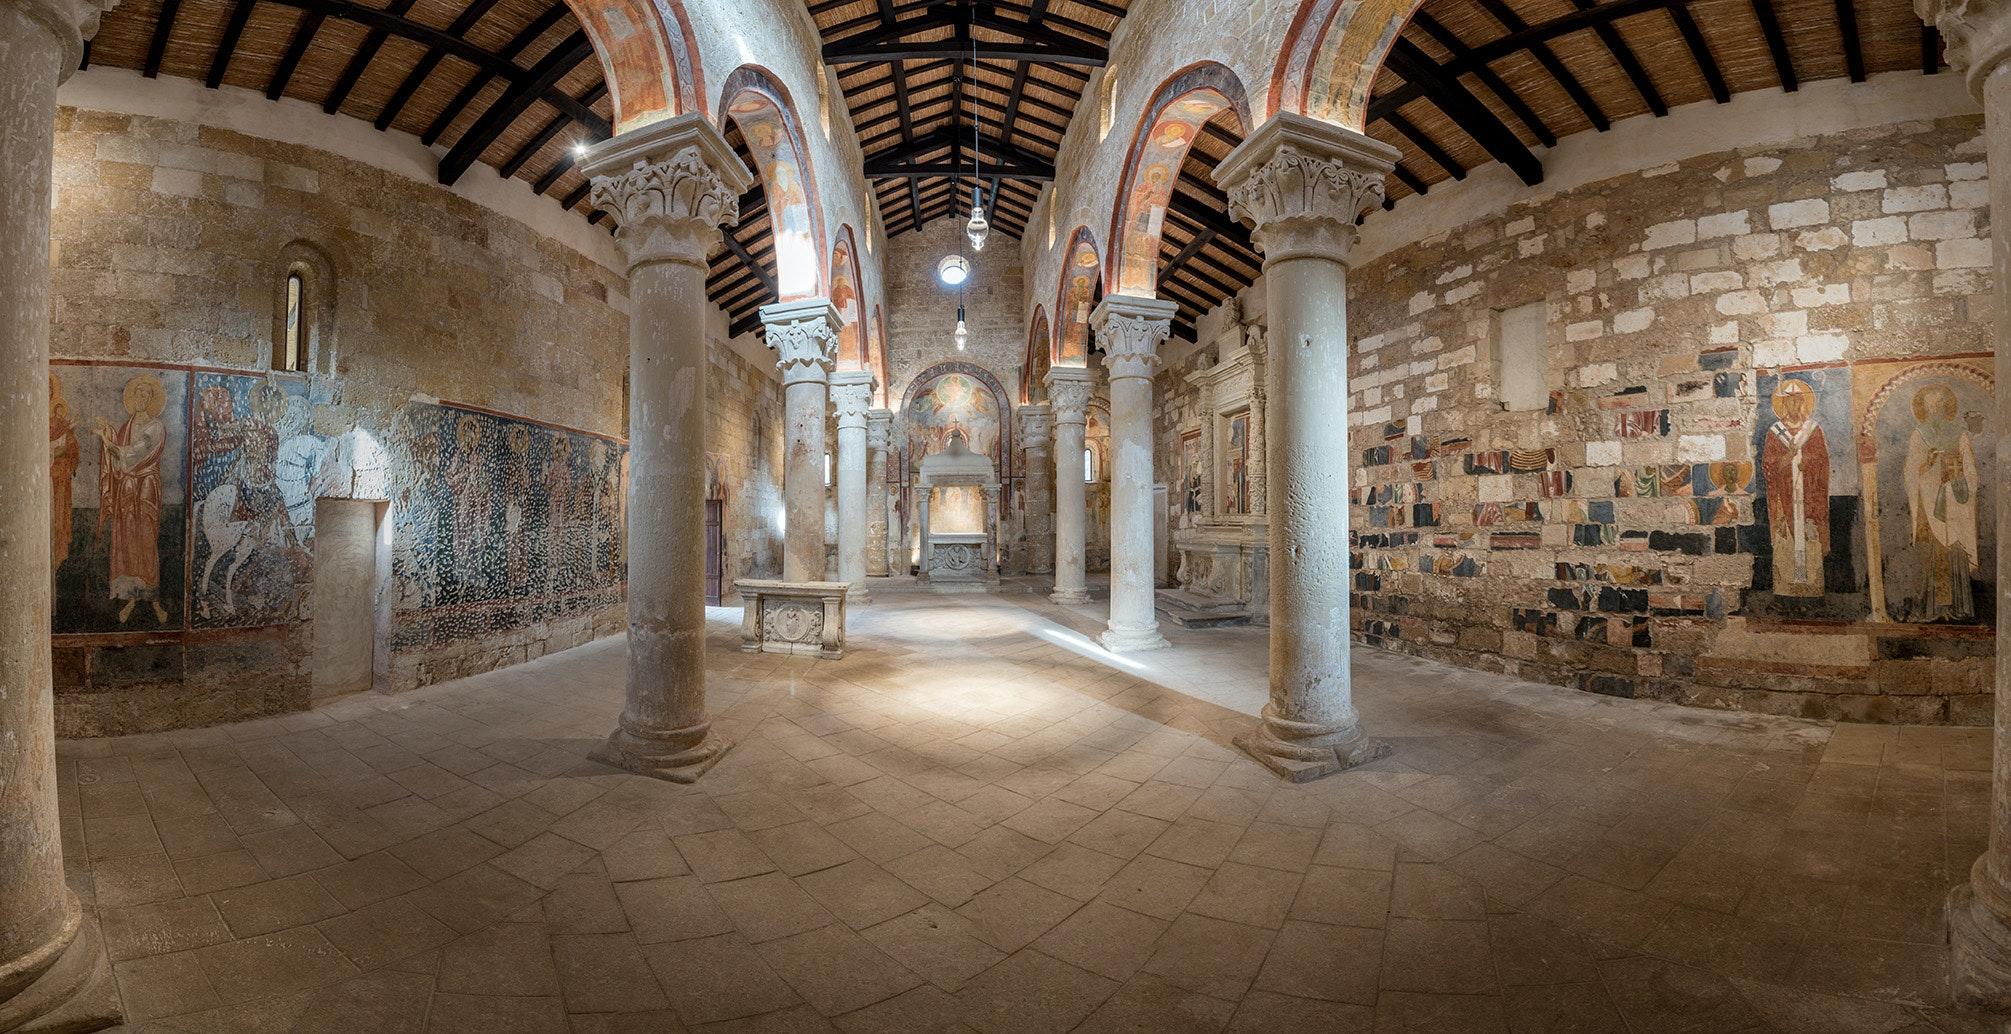 Affreschi all'interno della chiesa, ABBAZIA DI SANTA MARIA DI CERRATE, LECCE (LE )